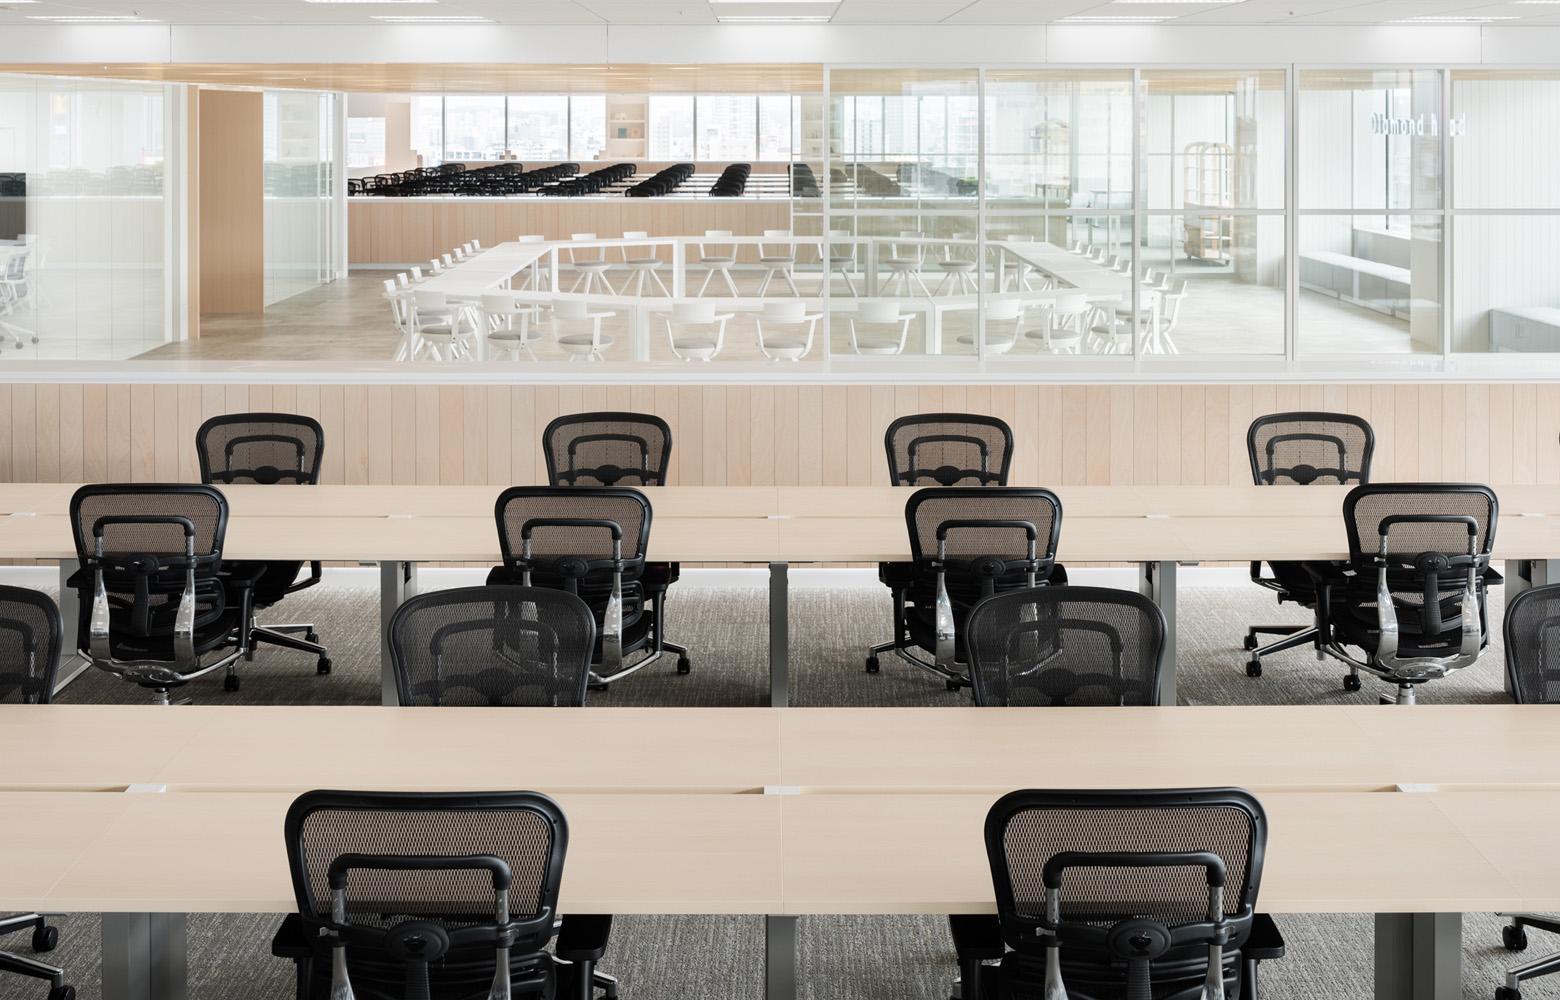 ダイアモンドヘッド株式会社  Sapporo Office Work Space デザイン・レイアウト事例